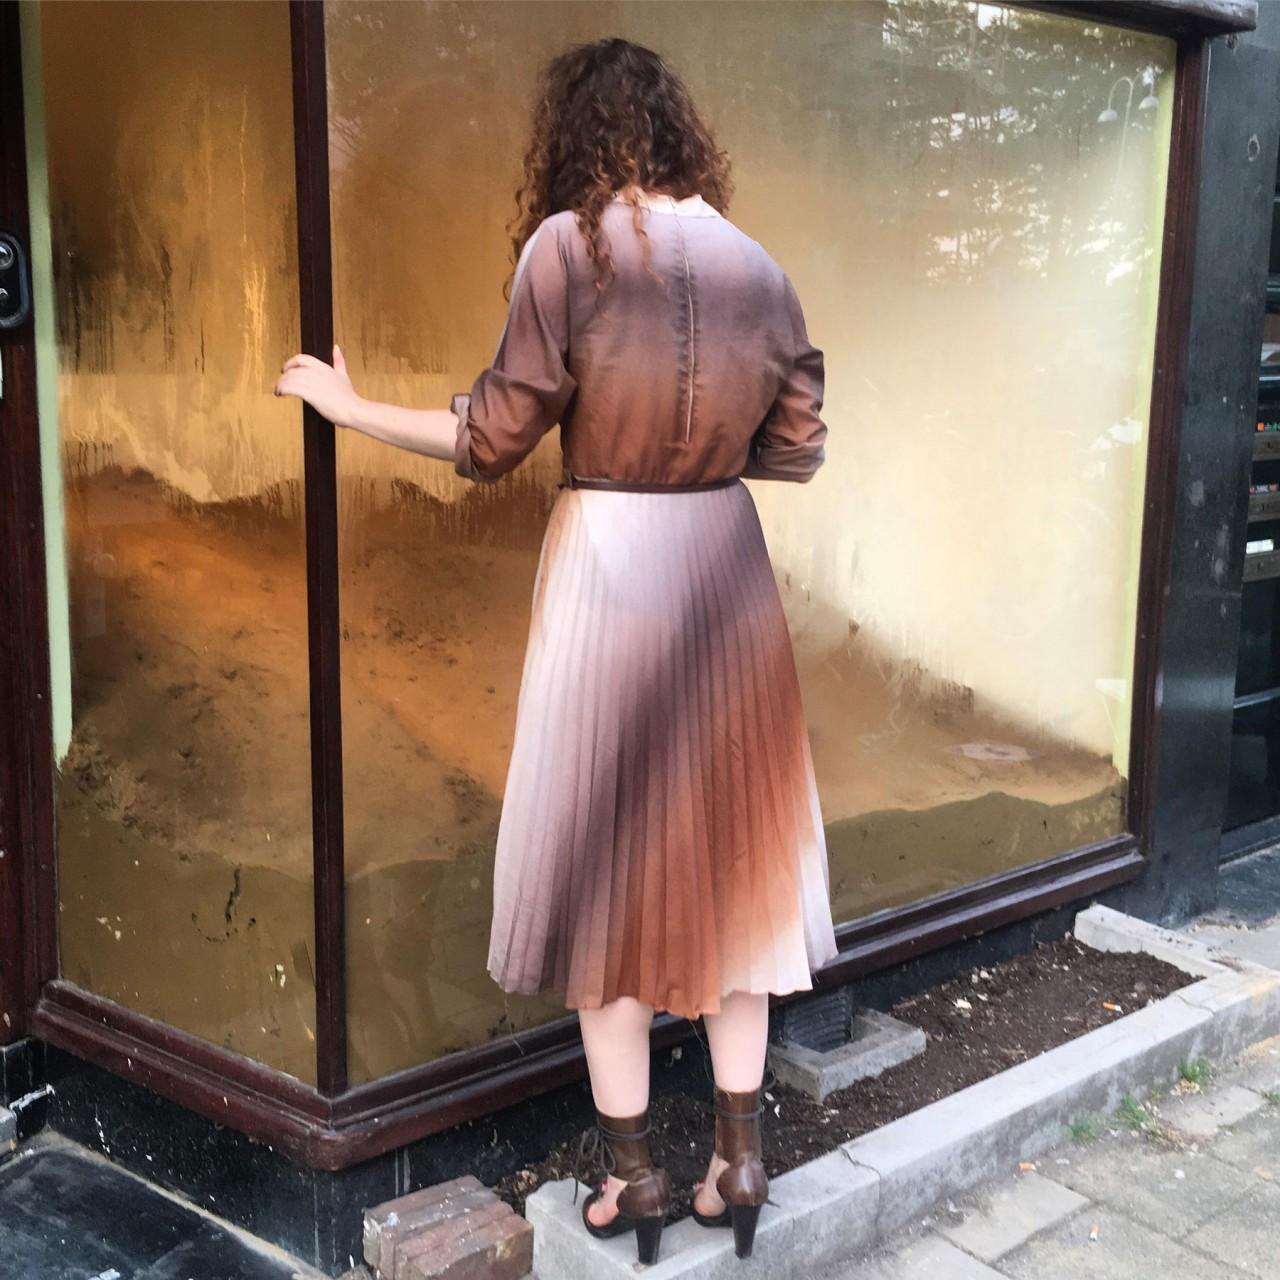 Marie Ilse Bourlanges Wetter than wet – vitrine